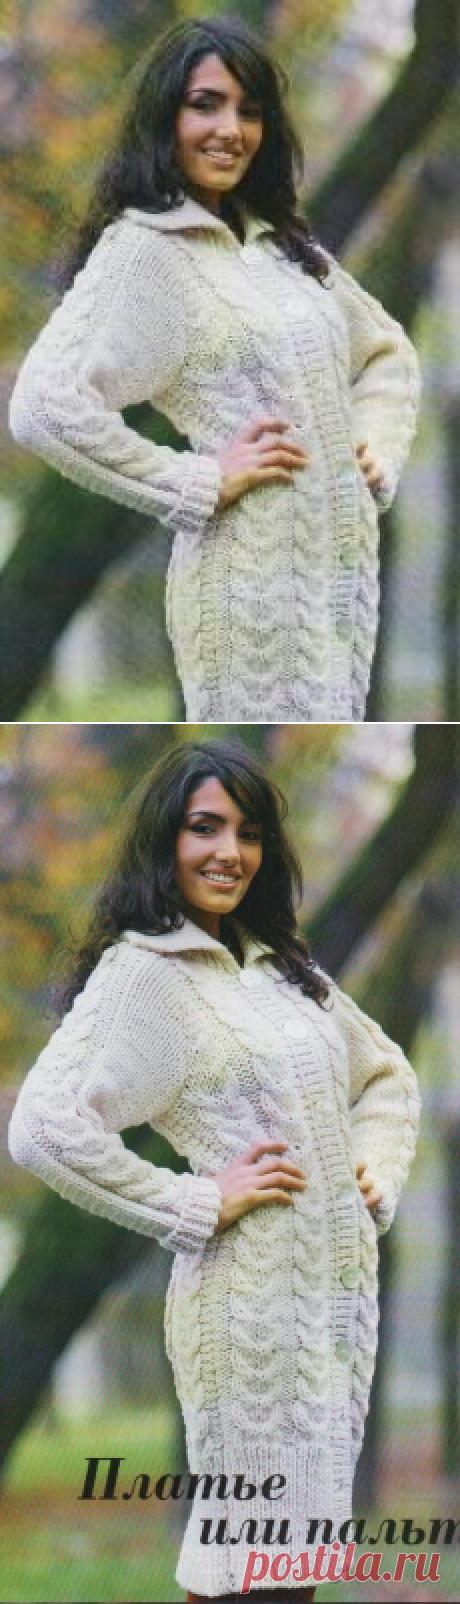 Белое пальто с косами | Пончо, кардиган, пальто %